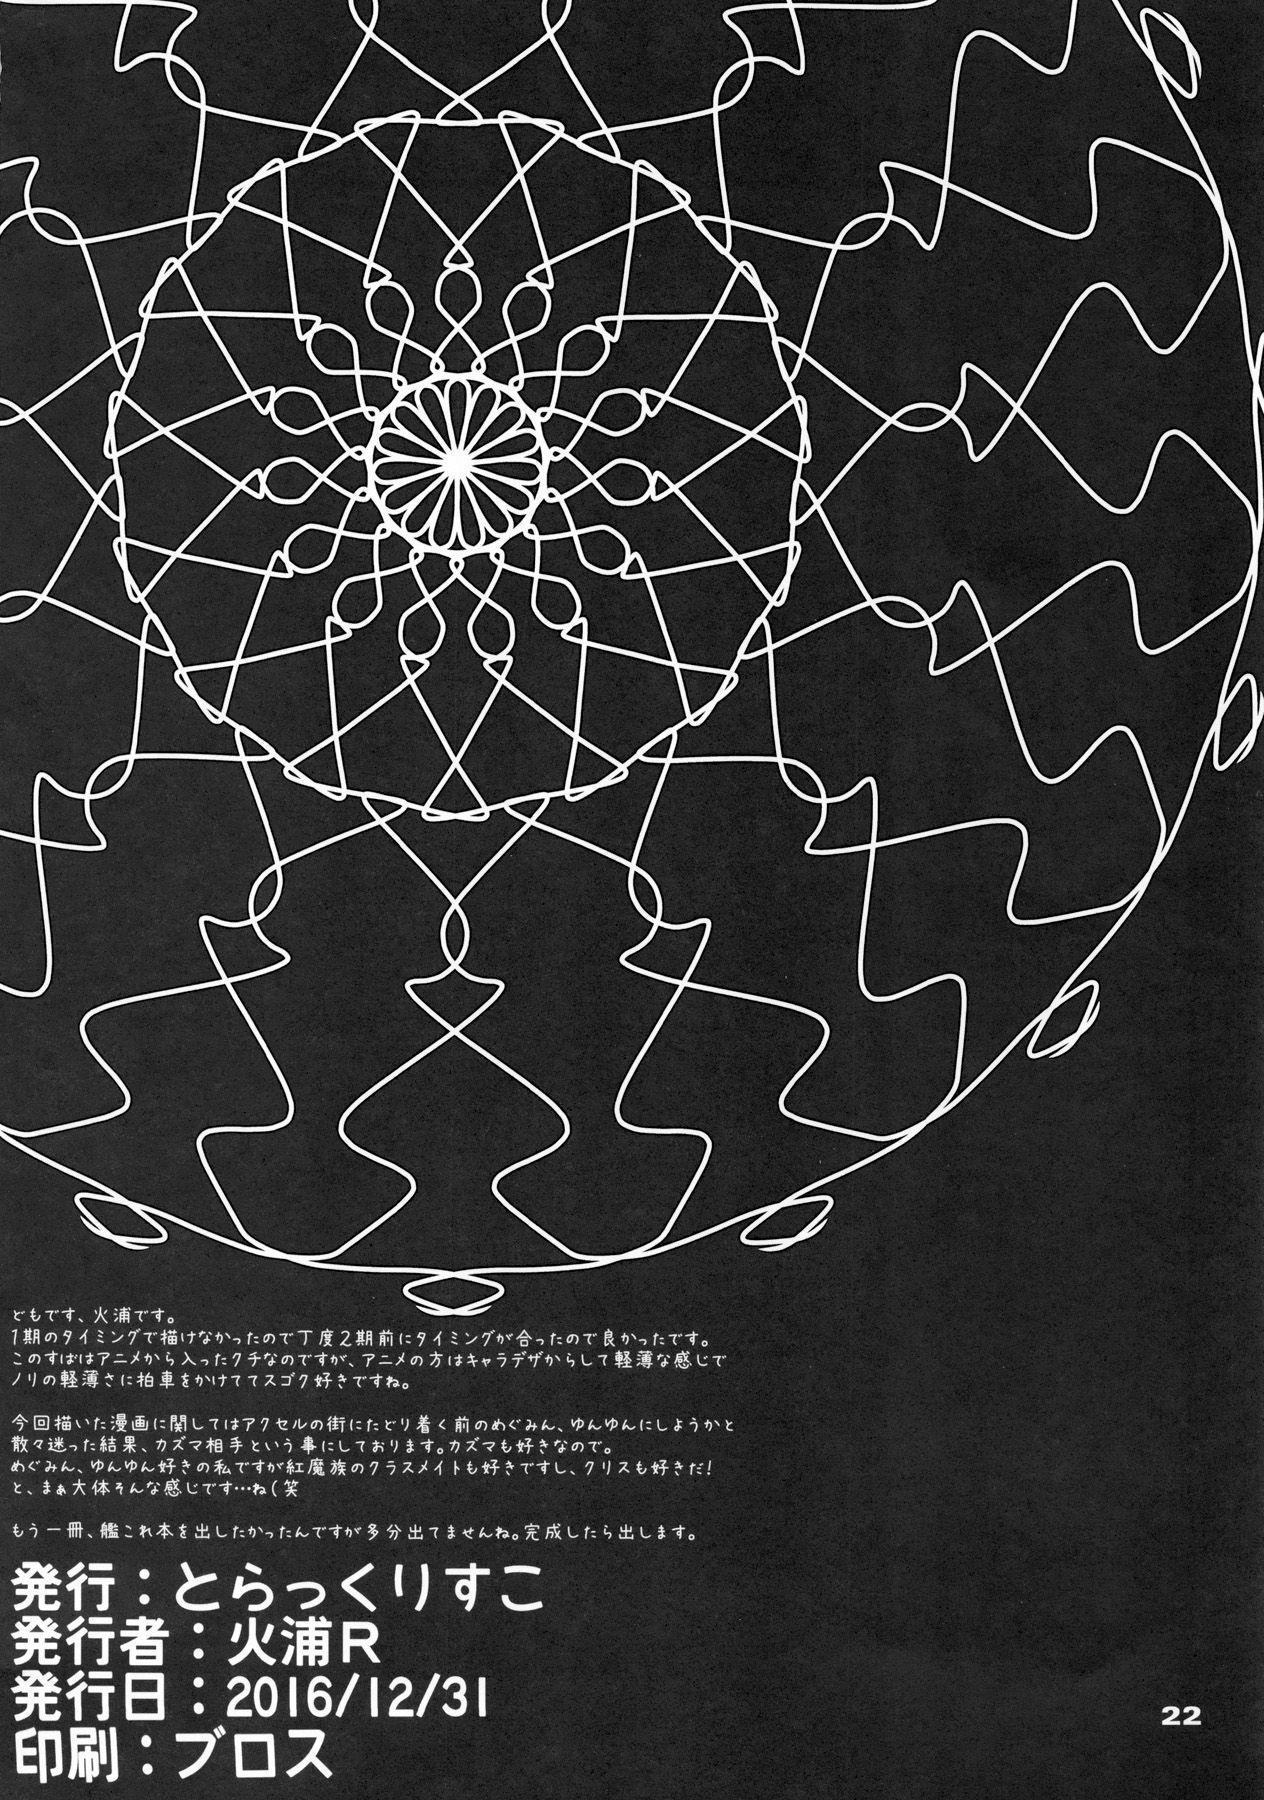 Kotoba ya Moji o Tsukawanakute mo Kokoro ga Tsuujiau Koto tte Nandakke? 21